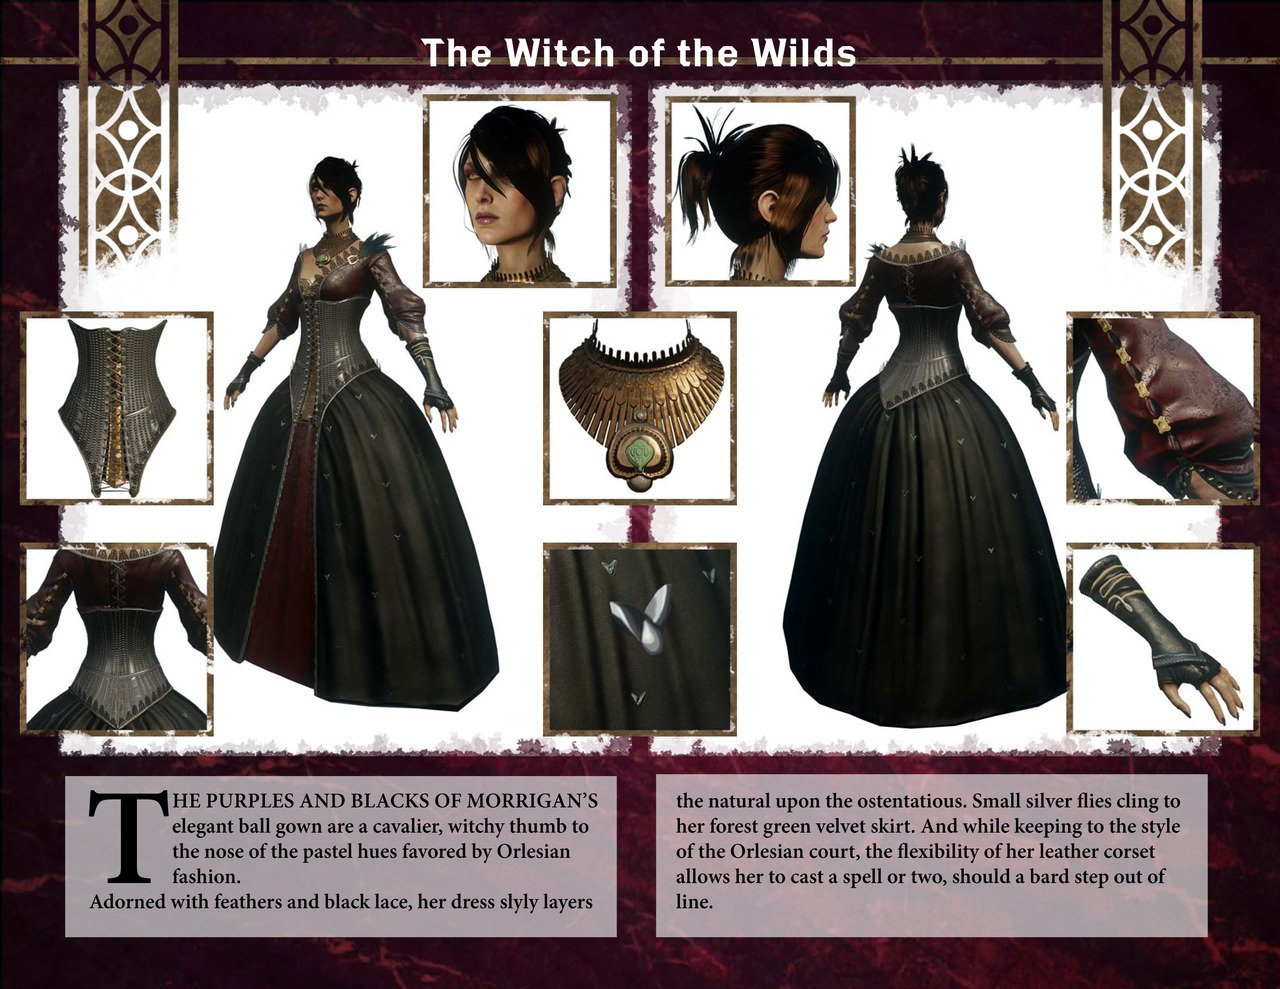 Разработчики игры Dragon Age: Inquisition представили дизайн персонажа Морриган фанатам и косплеерам - Изображение 1